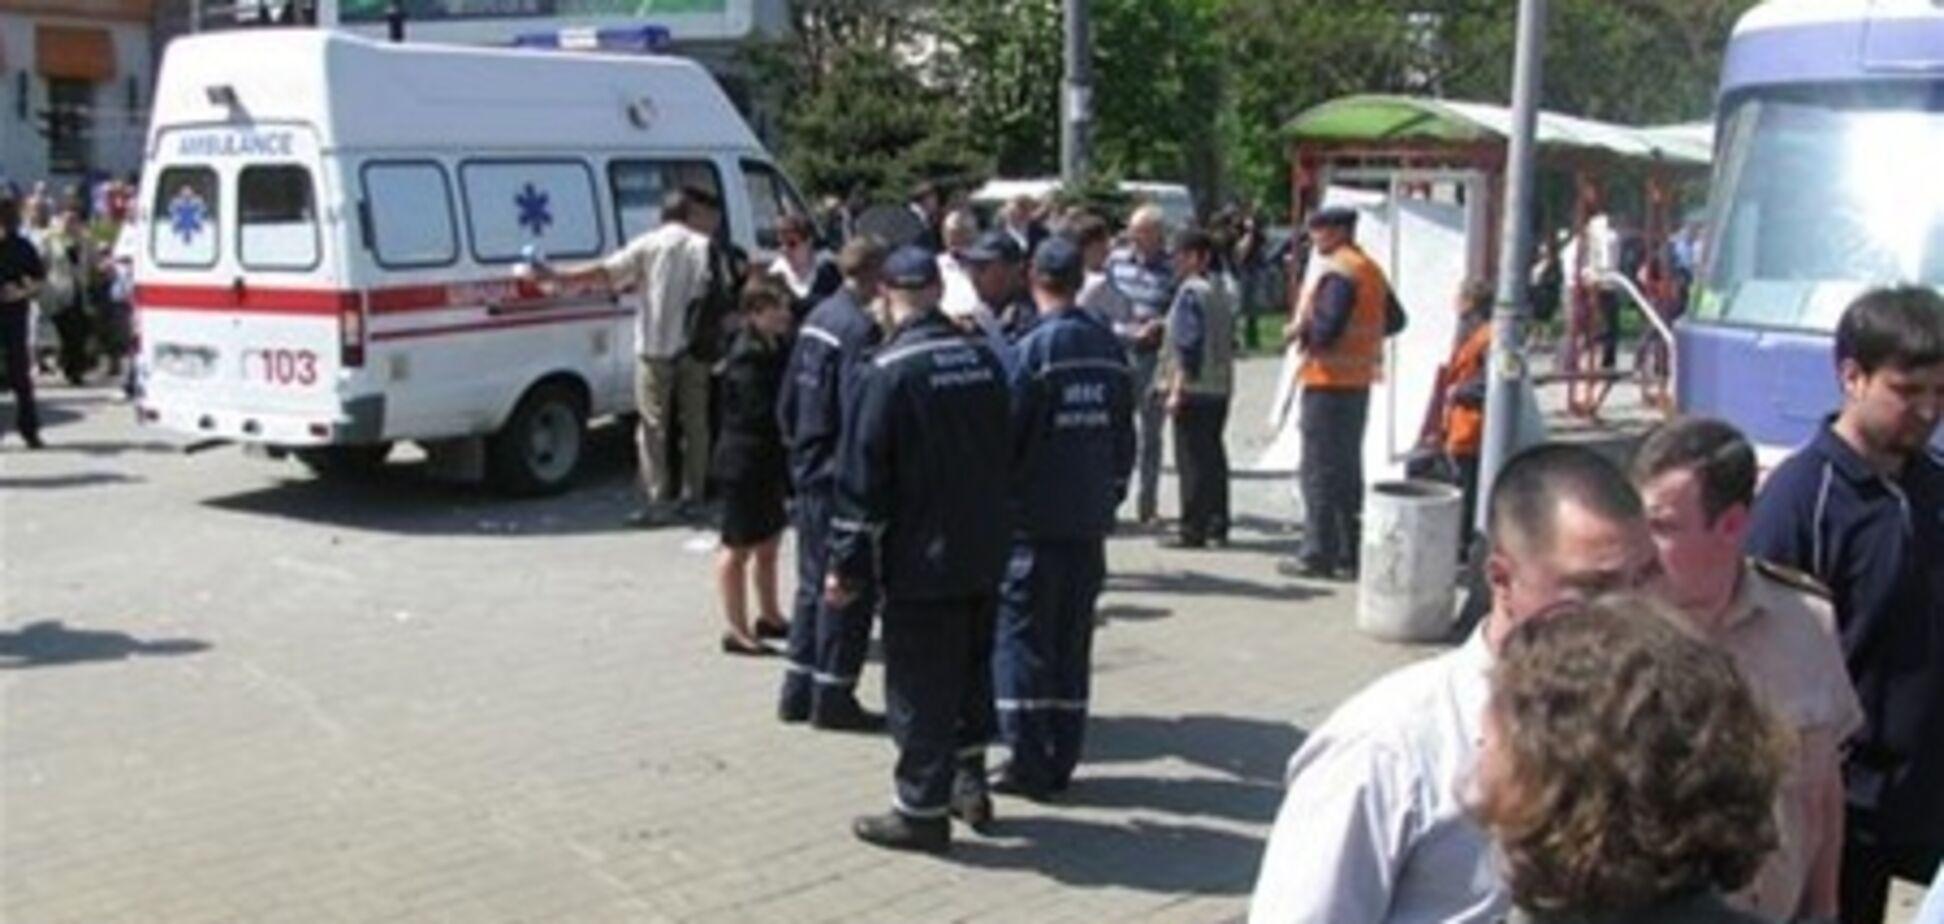 Взрывы в Днепропетровске - хорошо спланированная акция - Госдума России